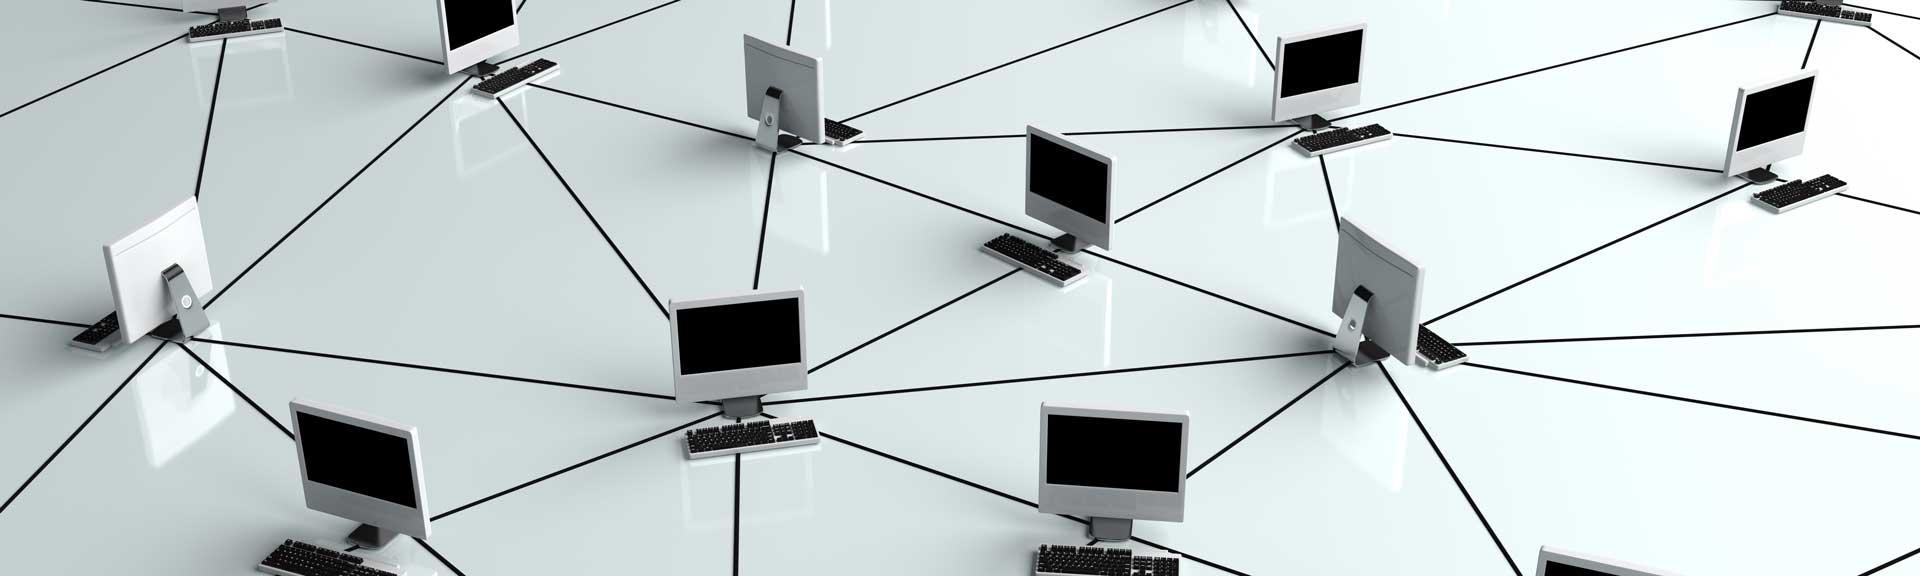 E-Business Hintergrund